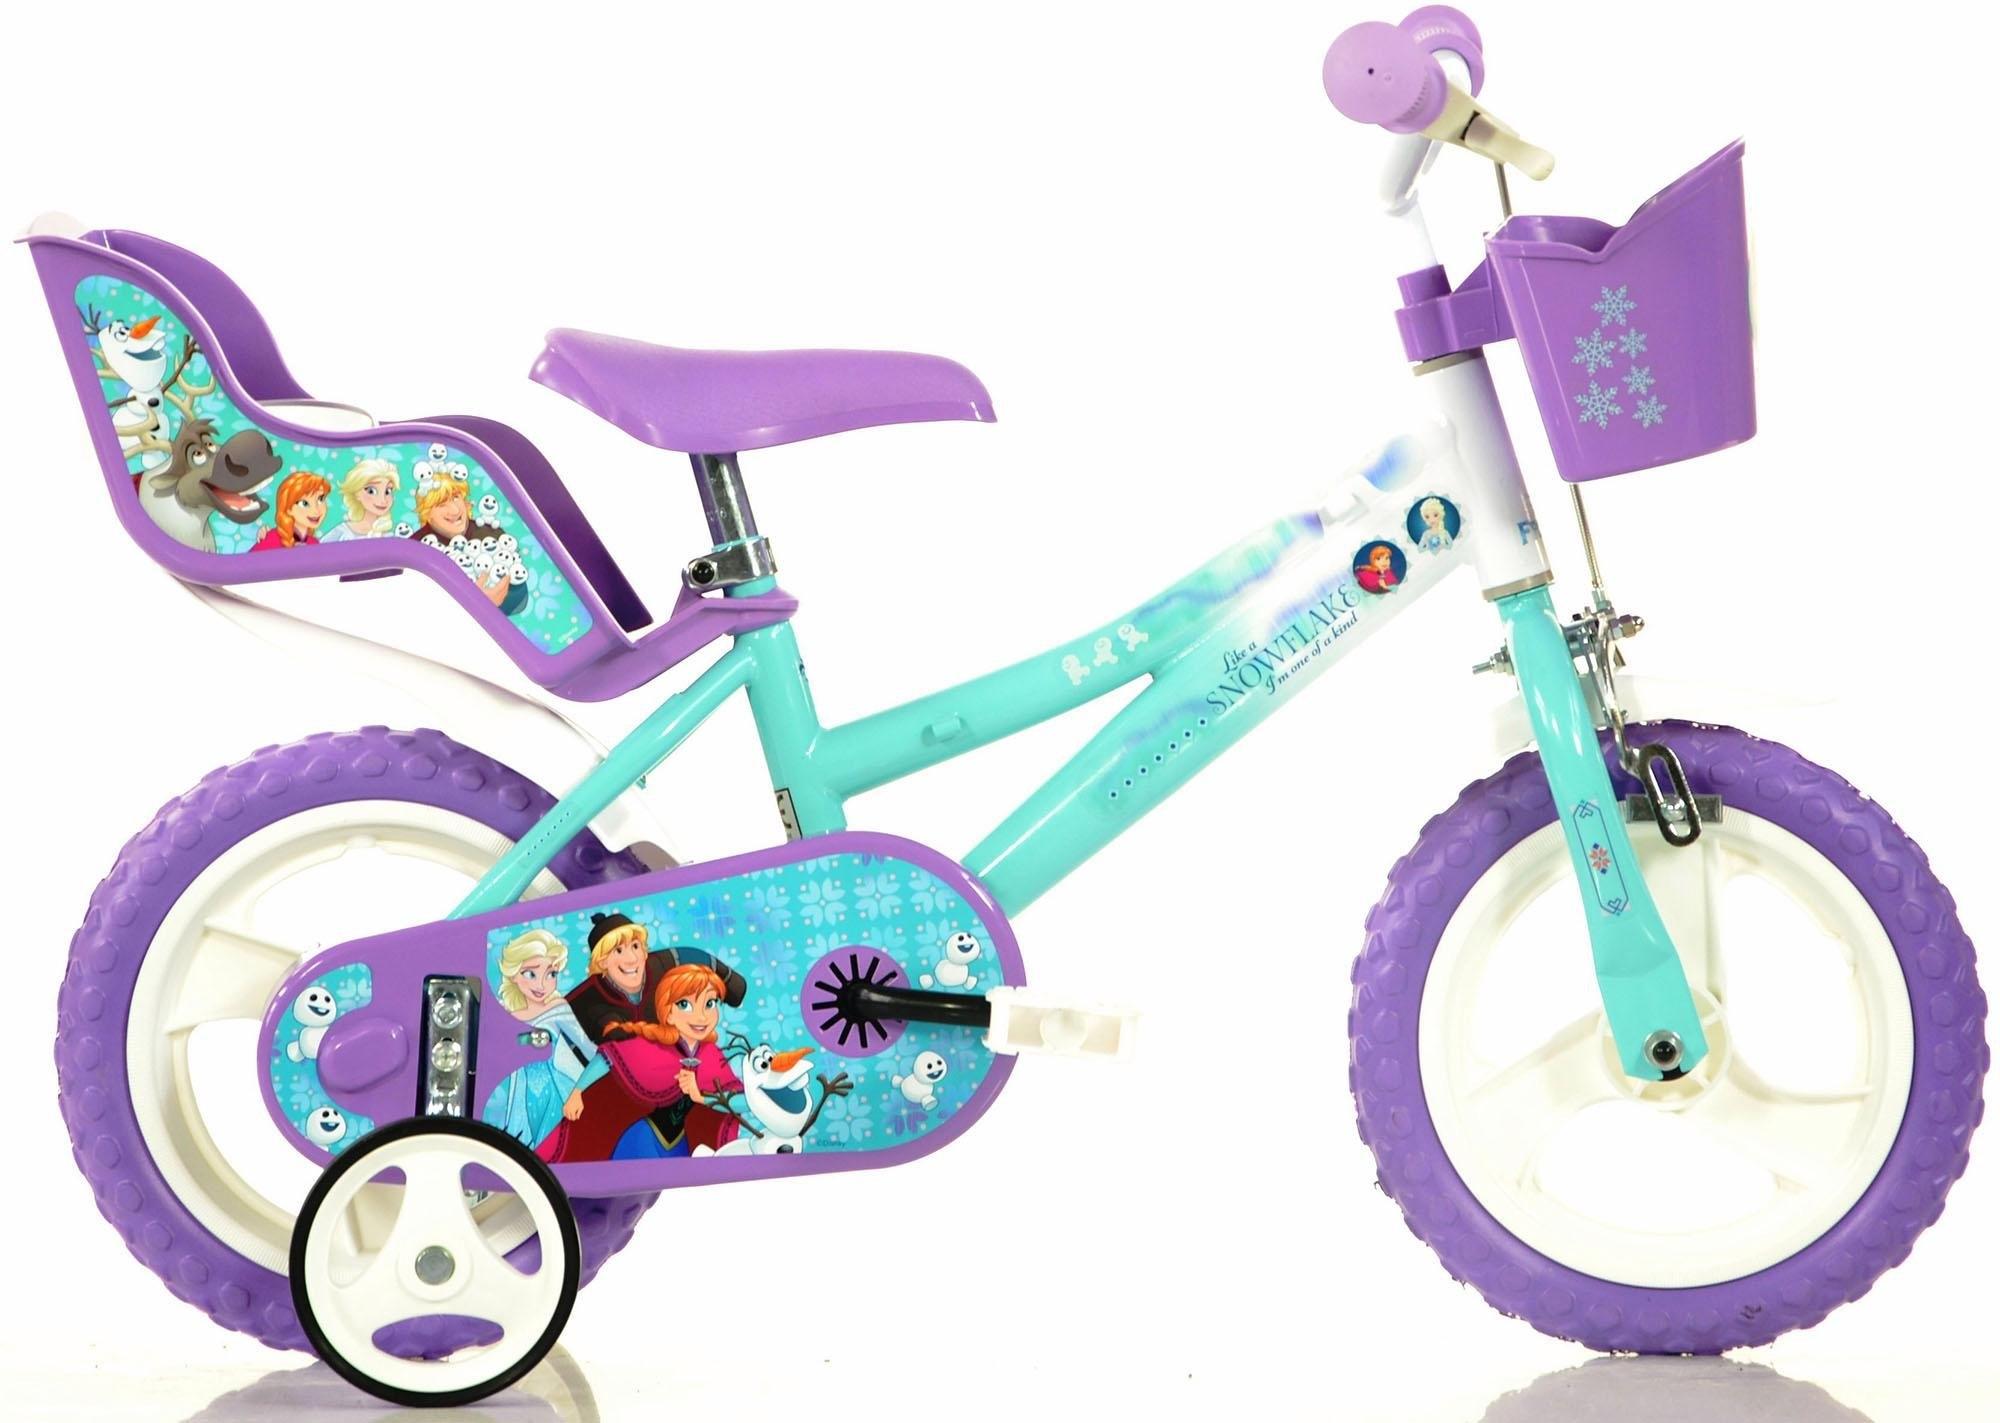 Dino kinderfiets voor meisje, 12 inch, 1 versnelling, »Frozen« voordelig en veilig online kopen